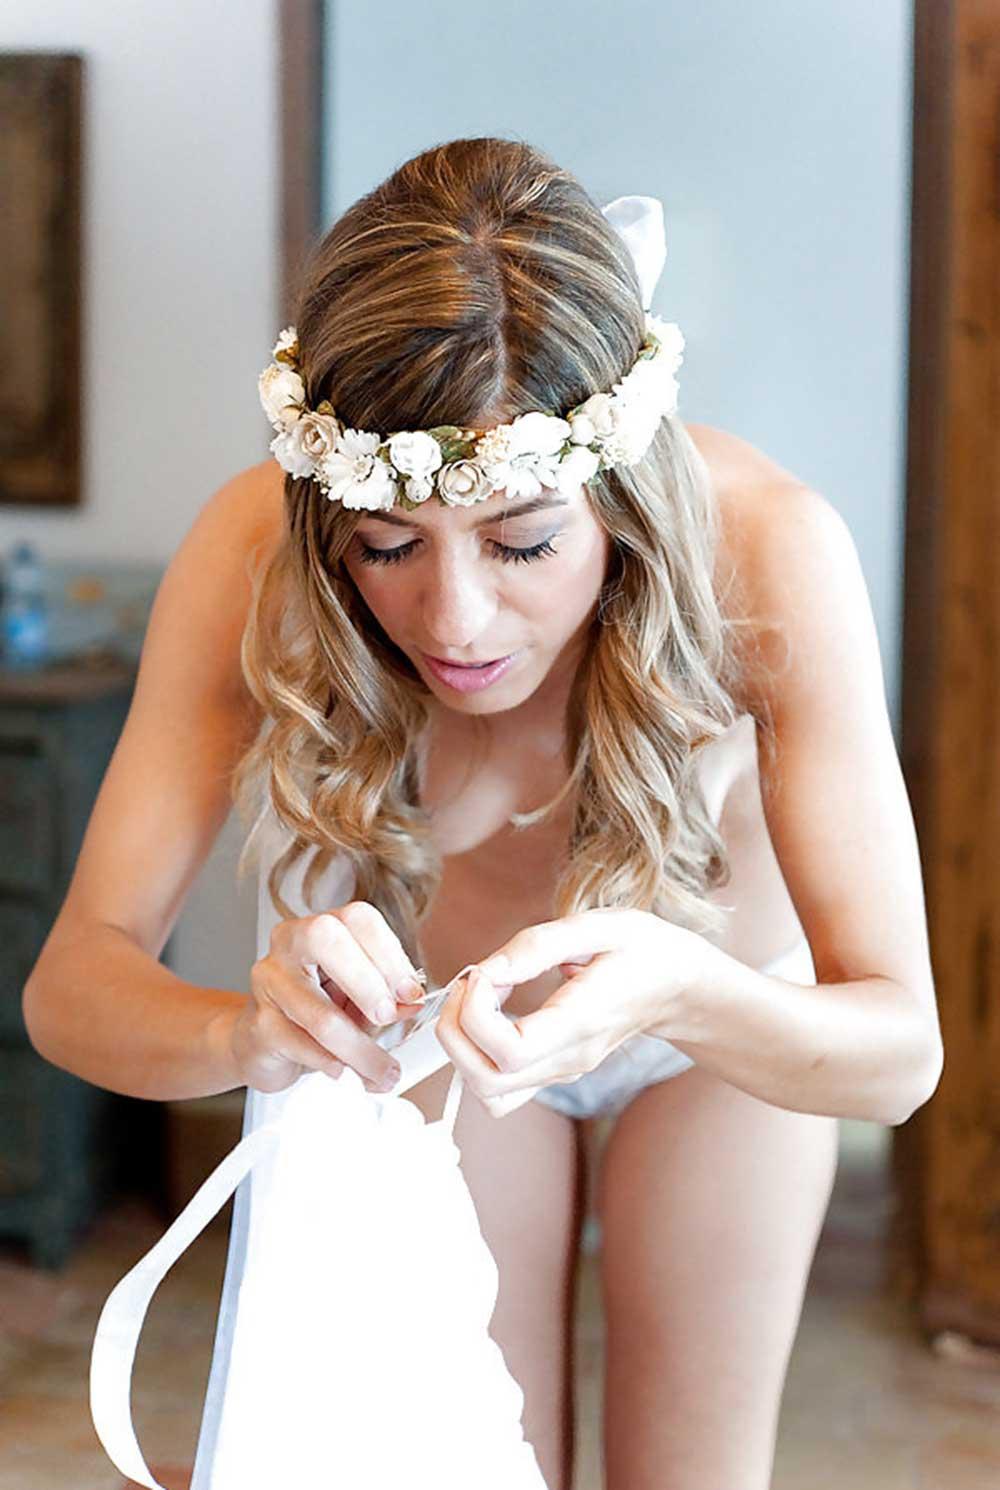 Mariee se preparant pour le mariage